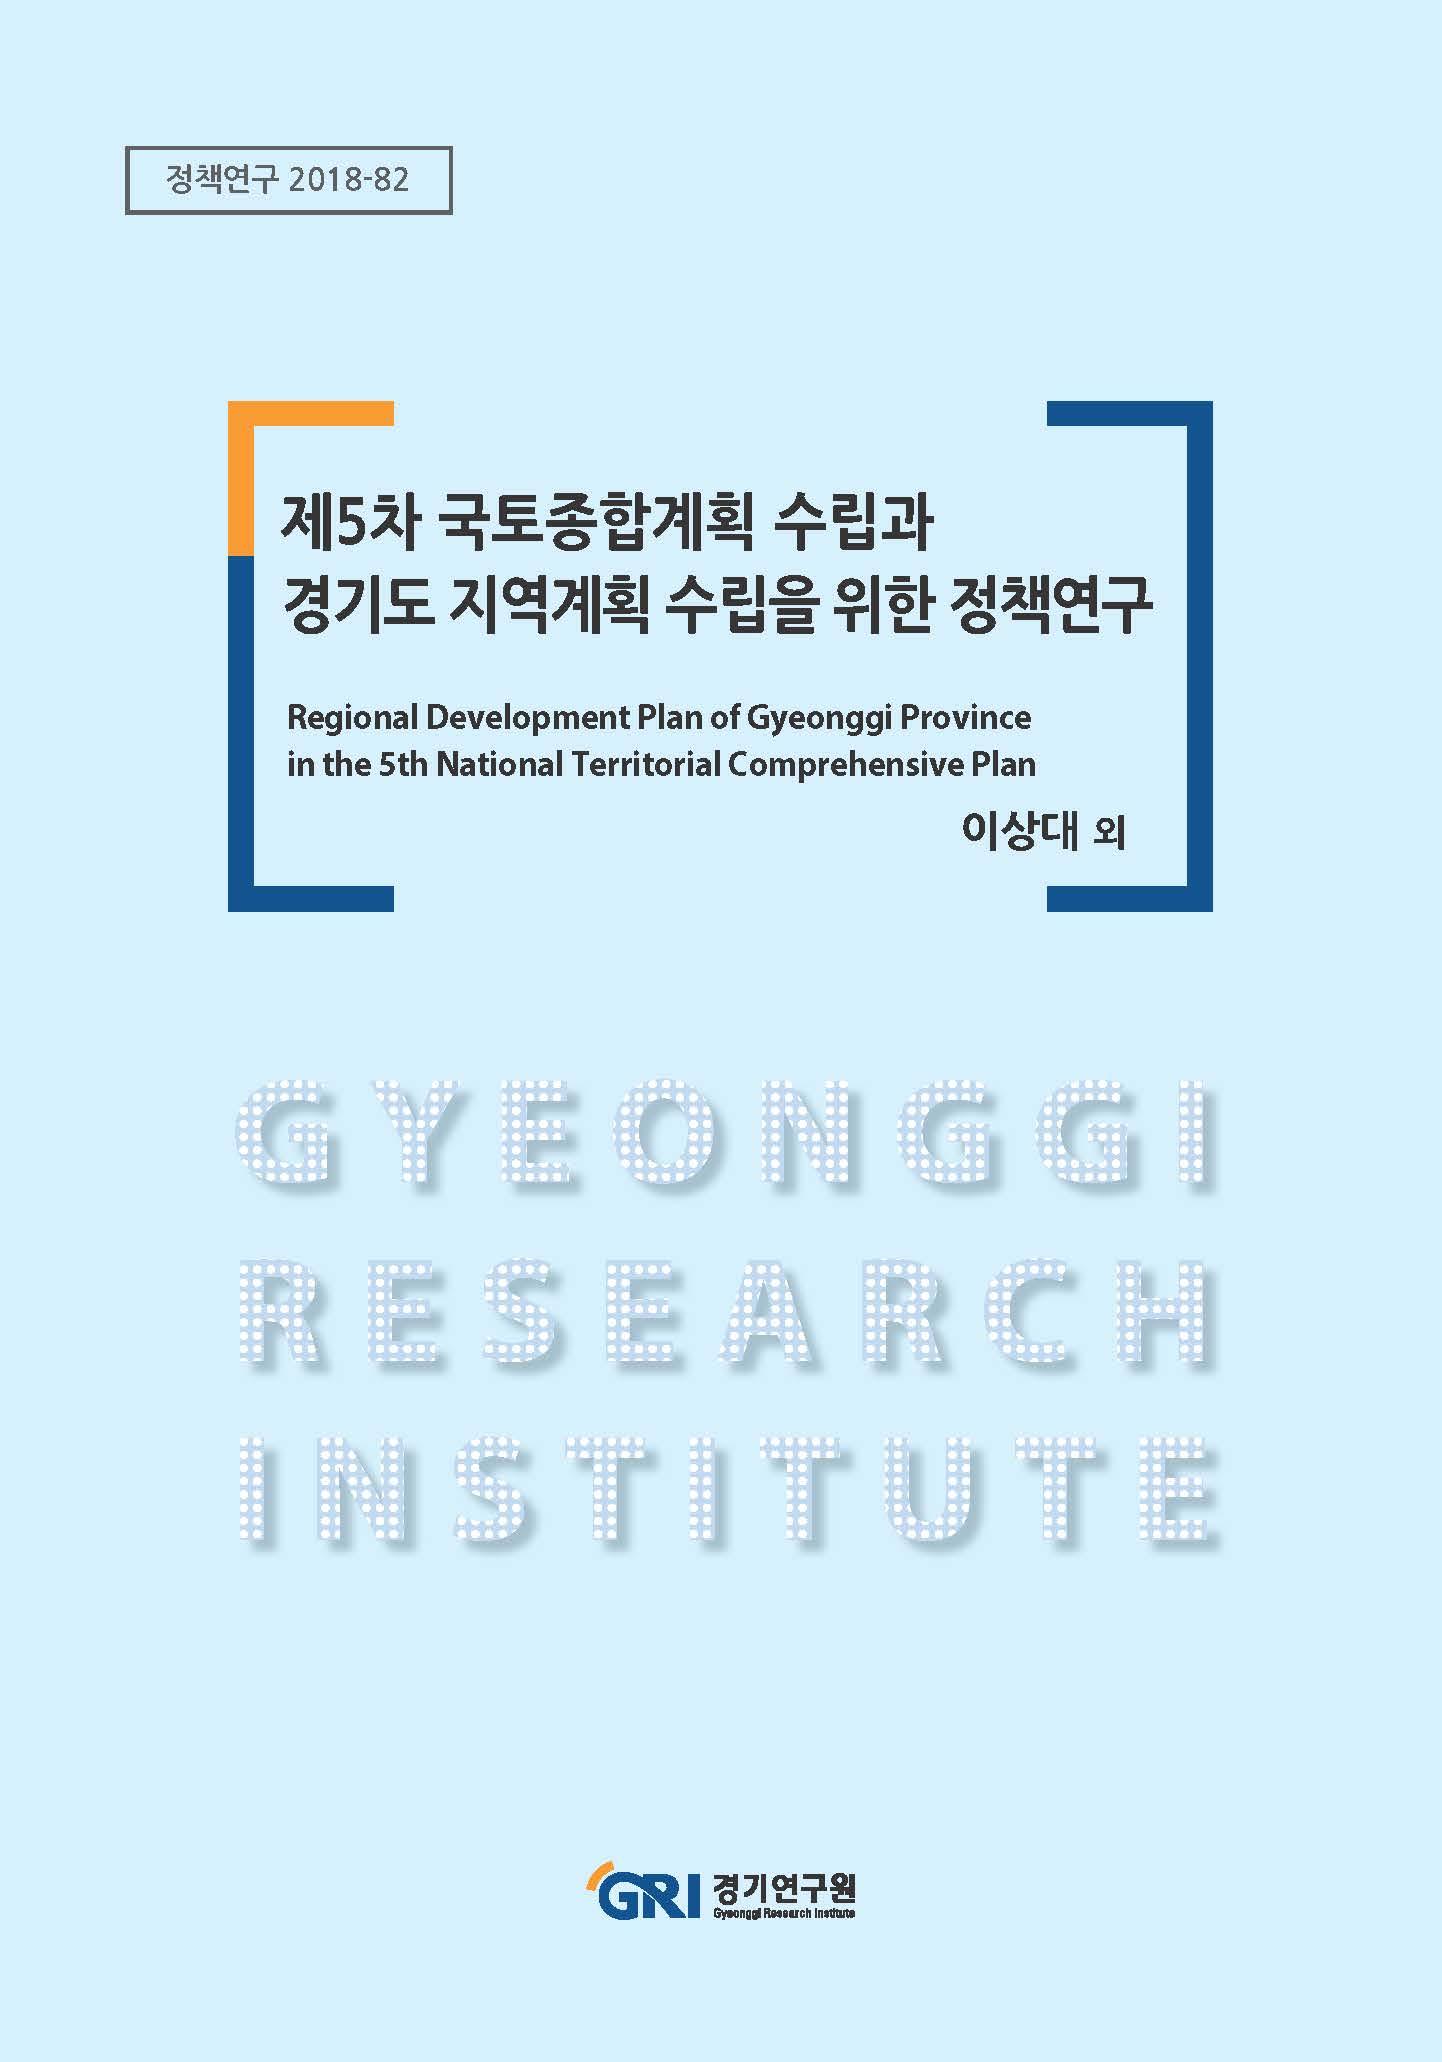 제5차 국토종합계획 수립과 경기도 지역계획 수립을 위한 정책연구